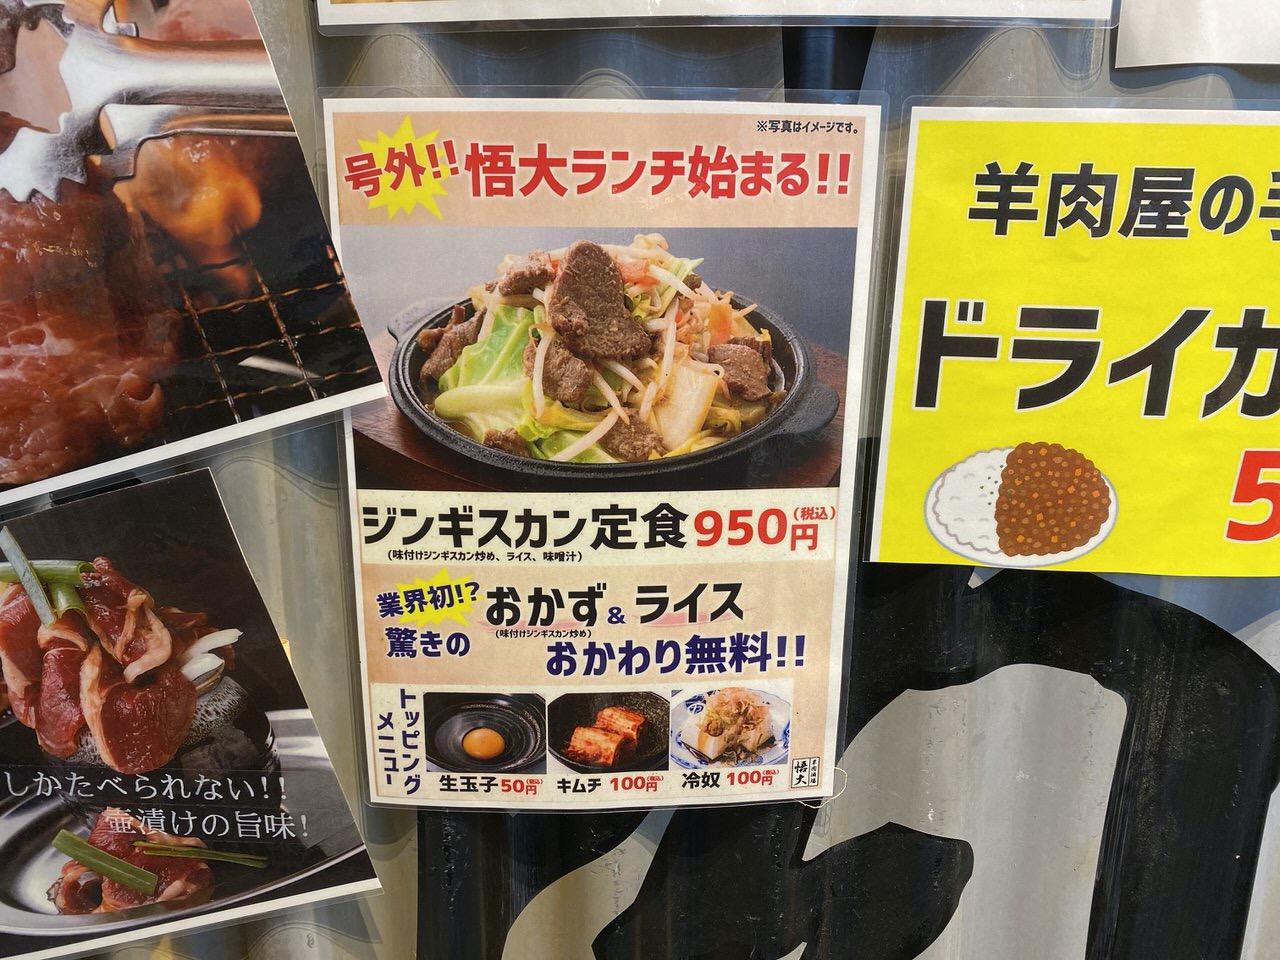 「羊肉酒場悟大」ジンギスカン定食 5